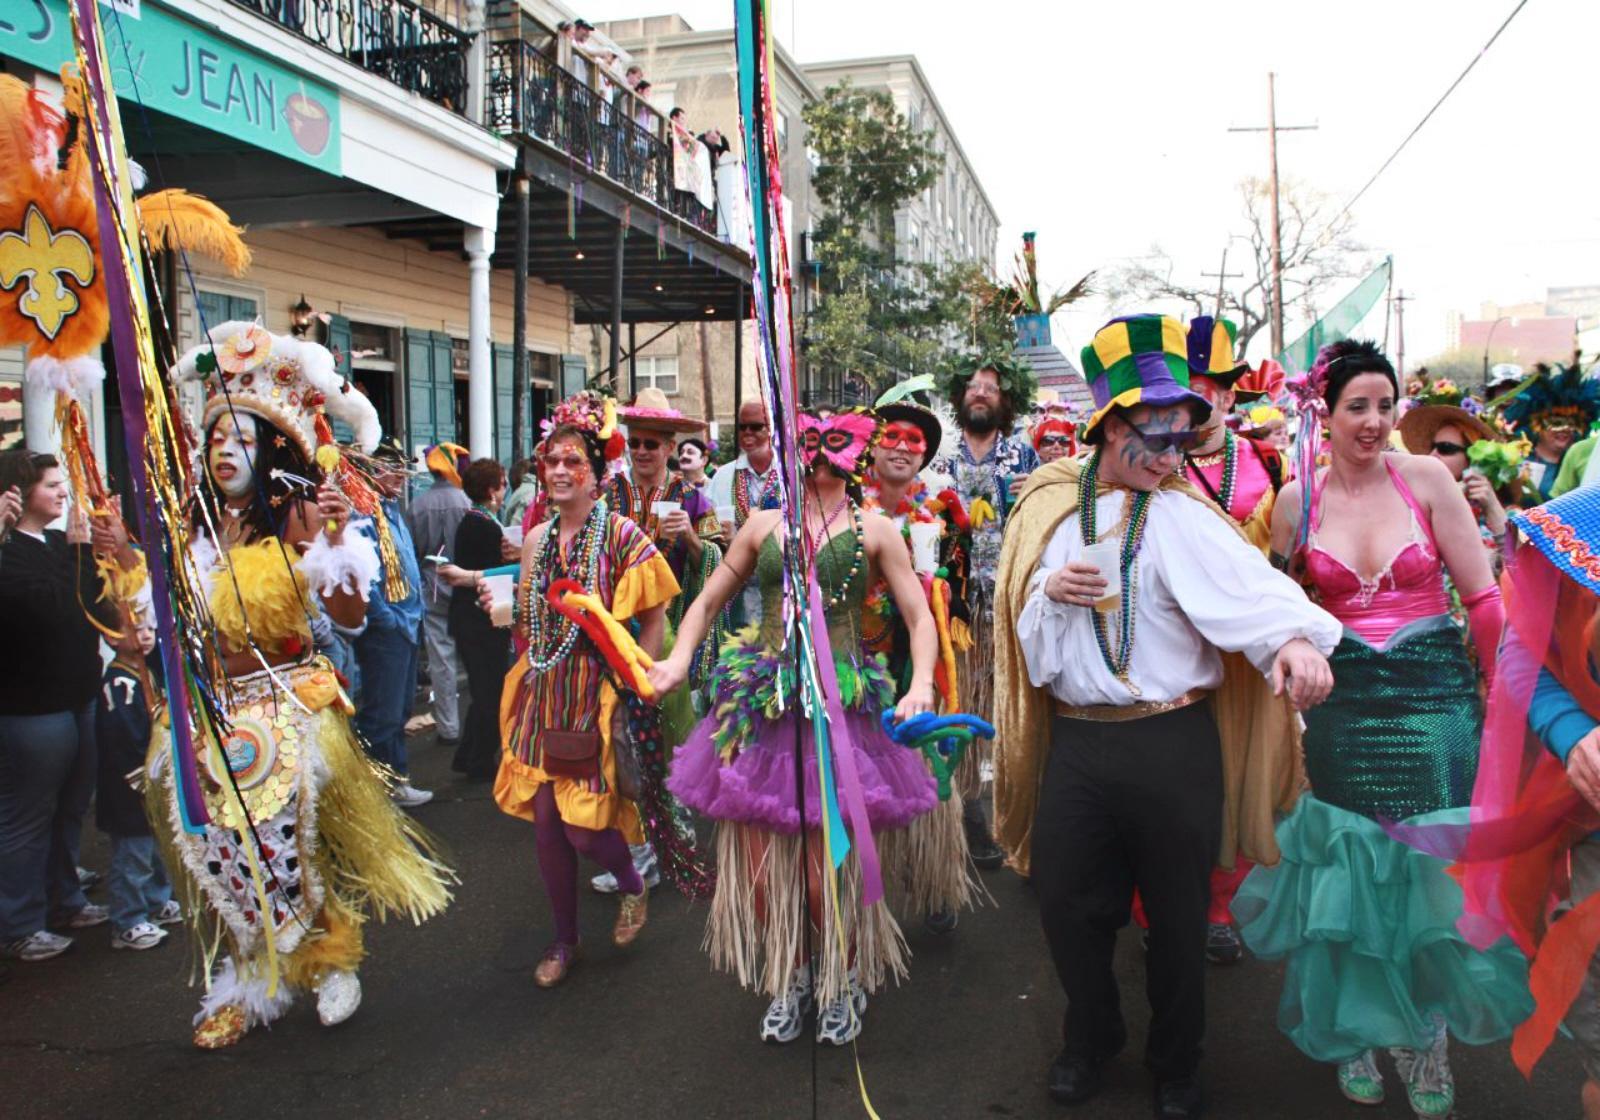 New Orleans Mardi Gras Carnival 1600 x 1120 · 267 kB · jpeg